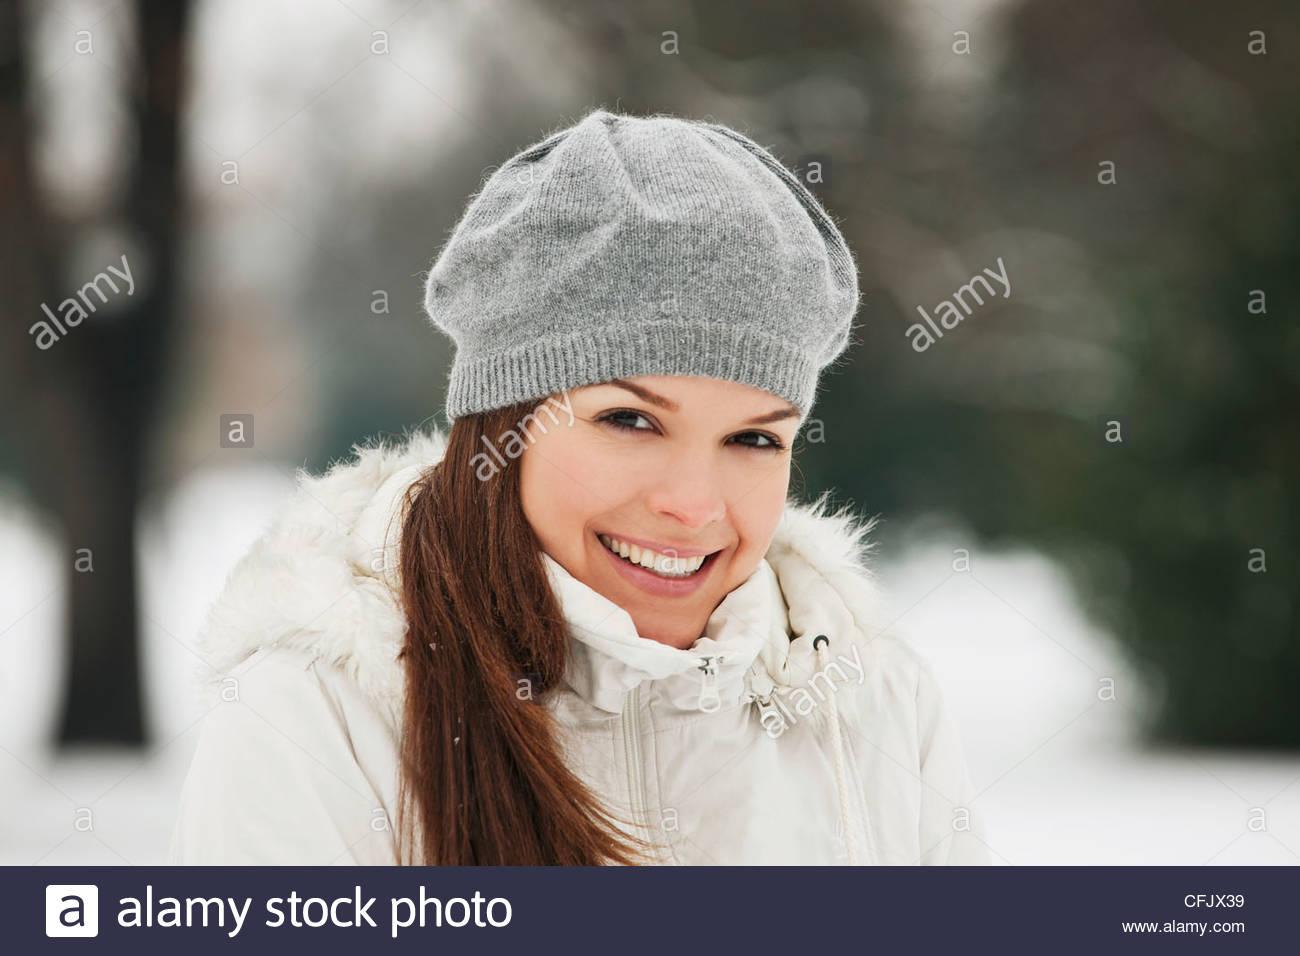 Une jeune femme portant un béret en laine gris, smiling Banque D'Images